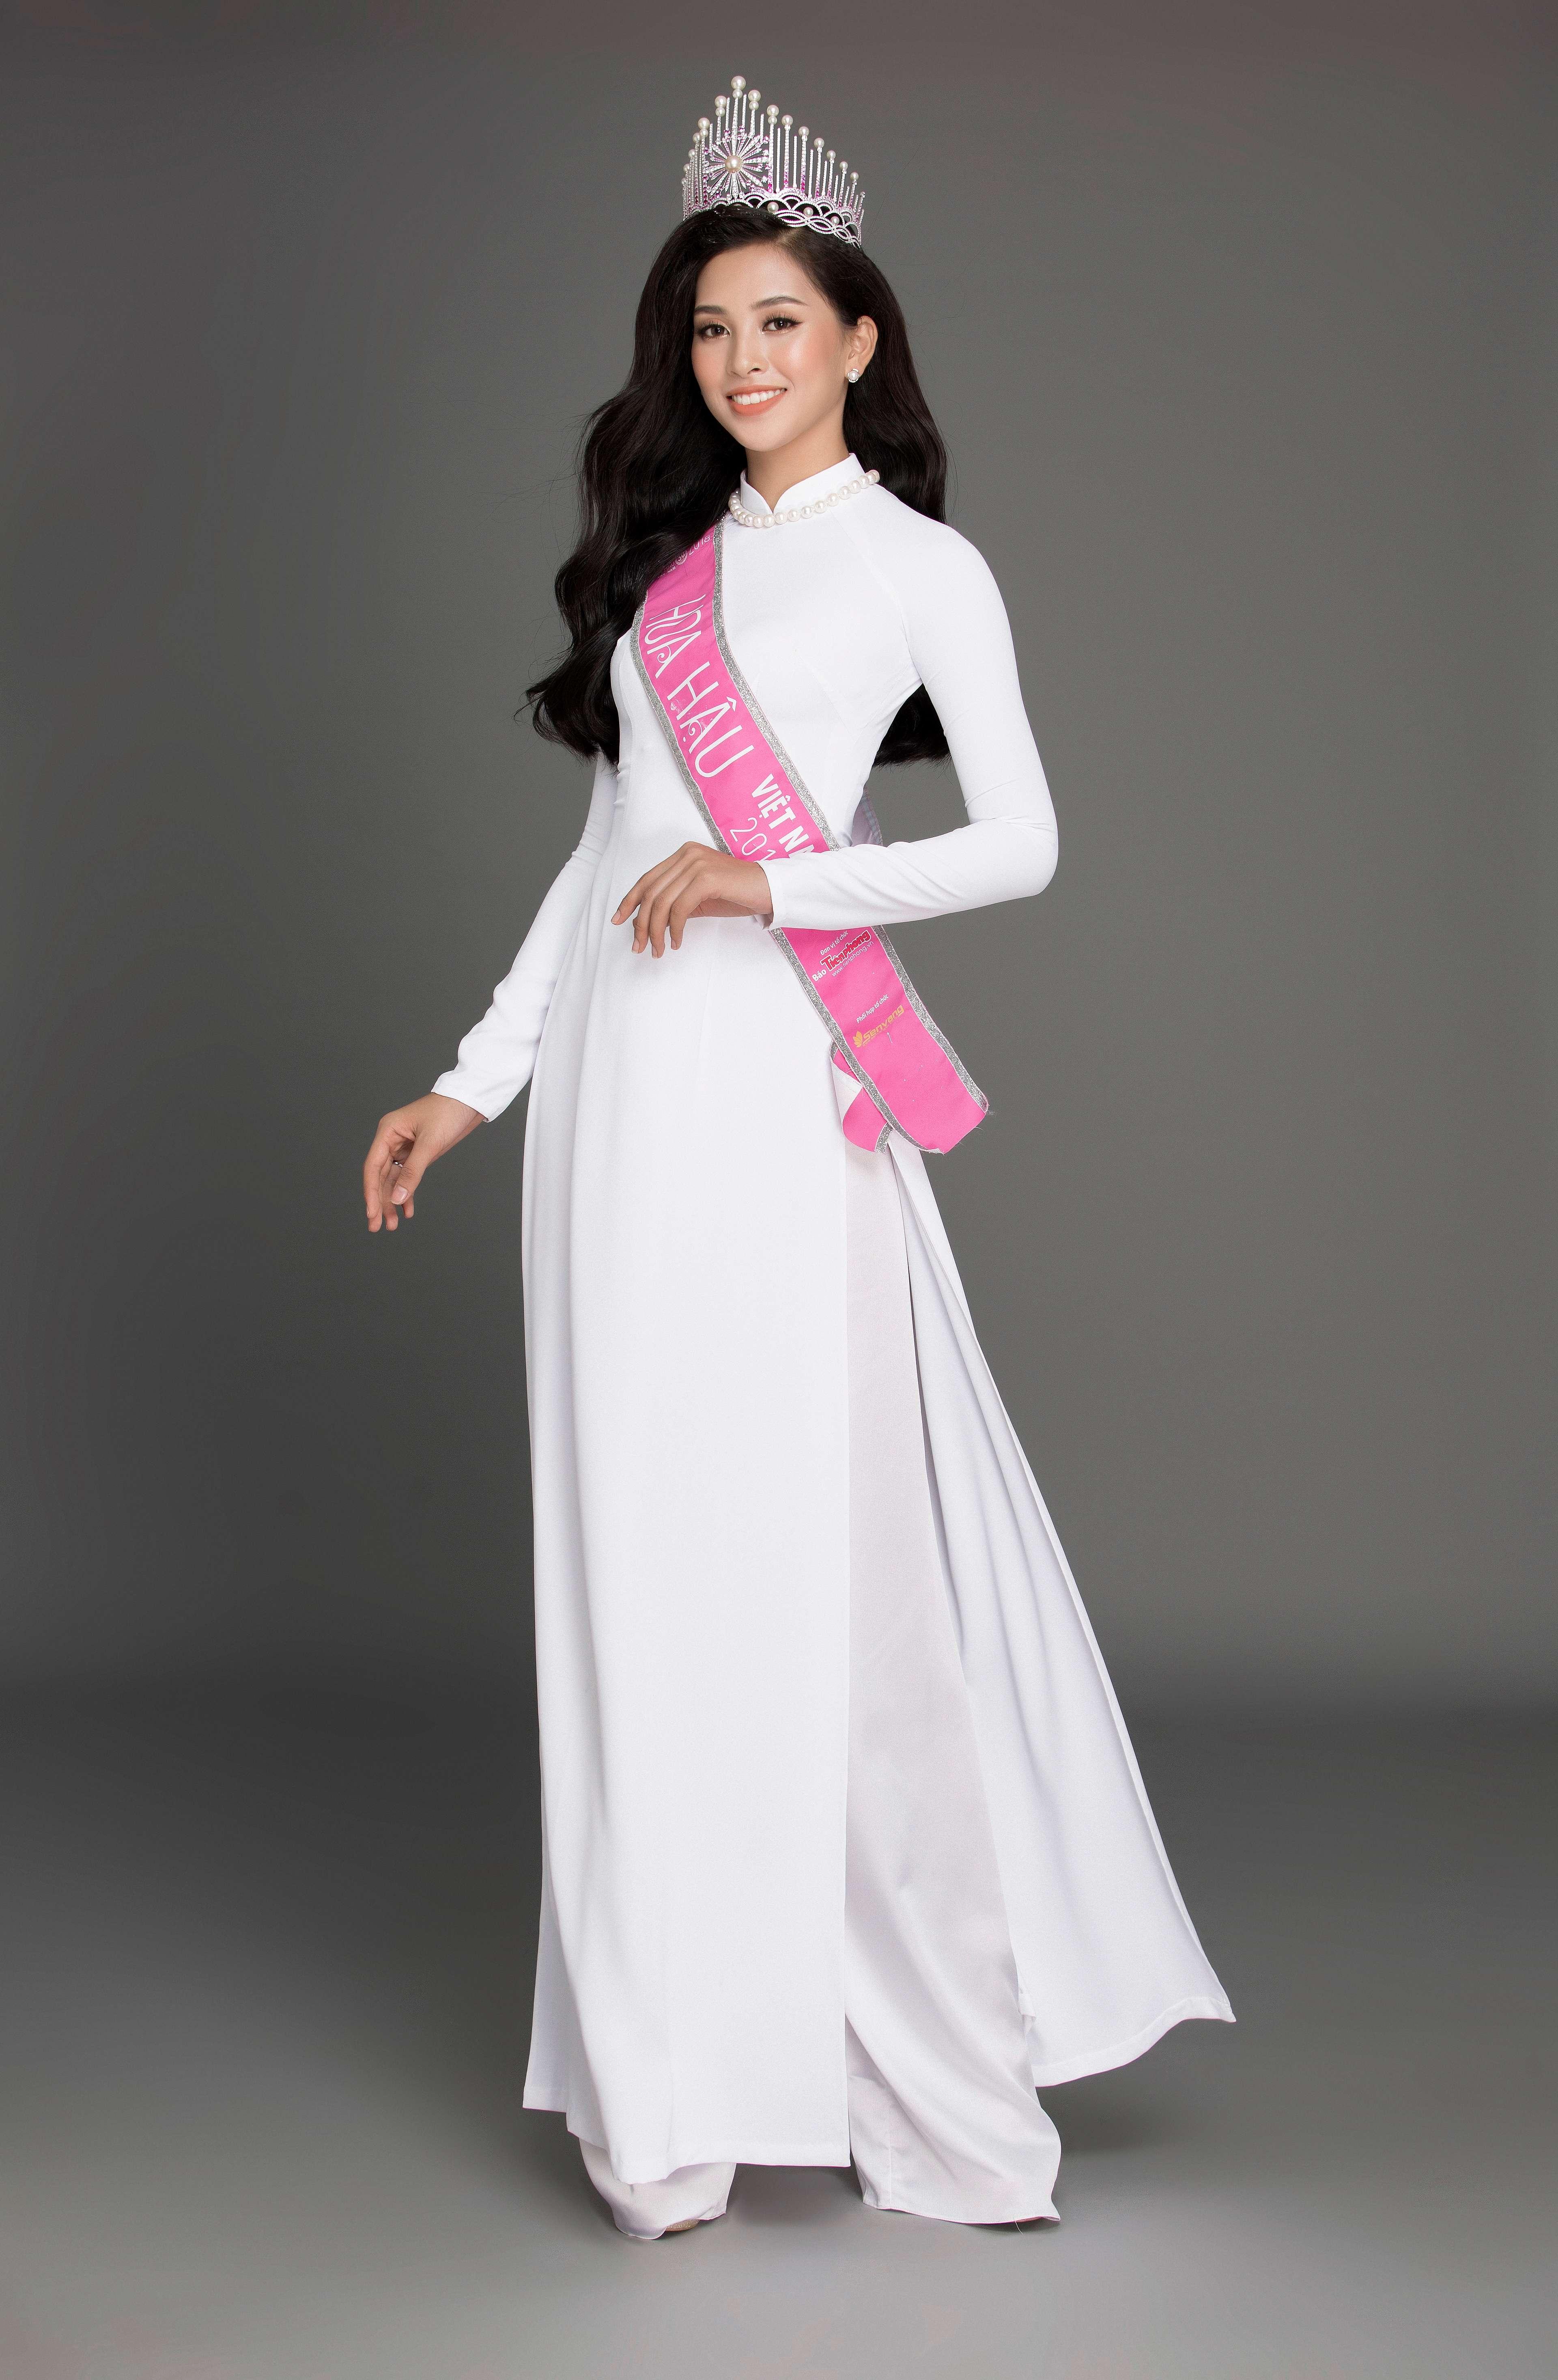 hoa hậu Trần Tiểu Vy cùng tranh sức ngọc trai 4